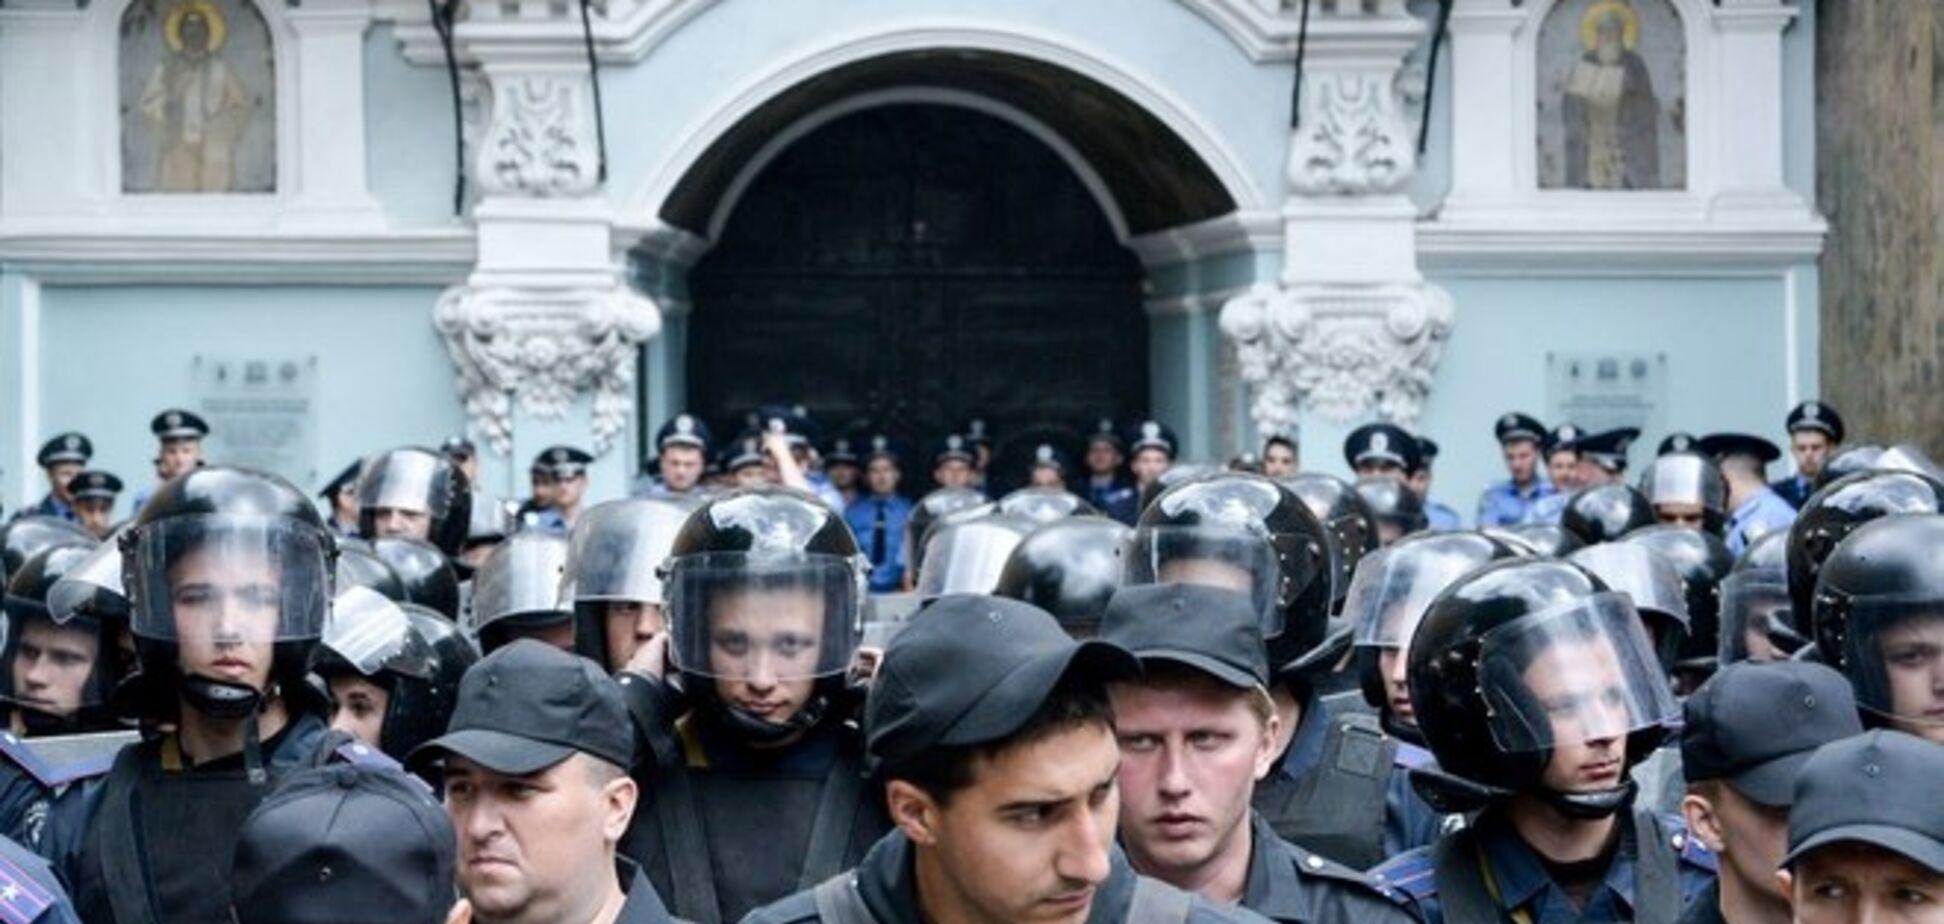 Стычки возле Лавры: активисты подрались с милицией